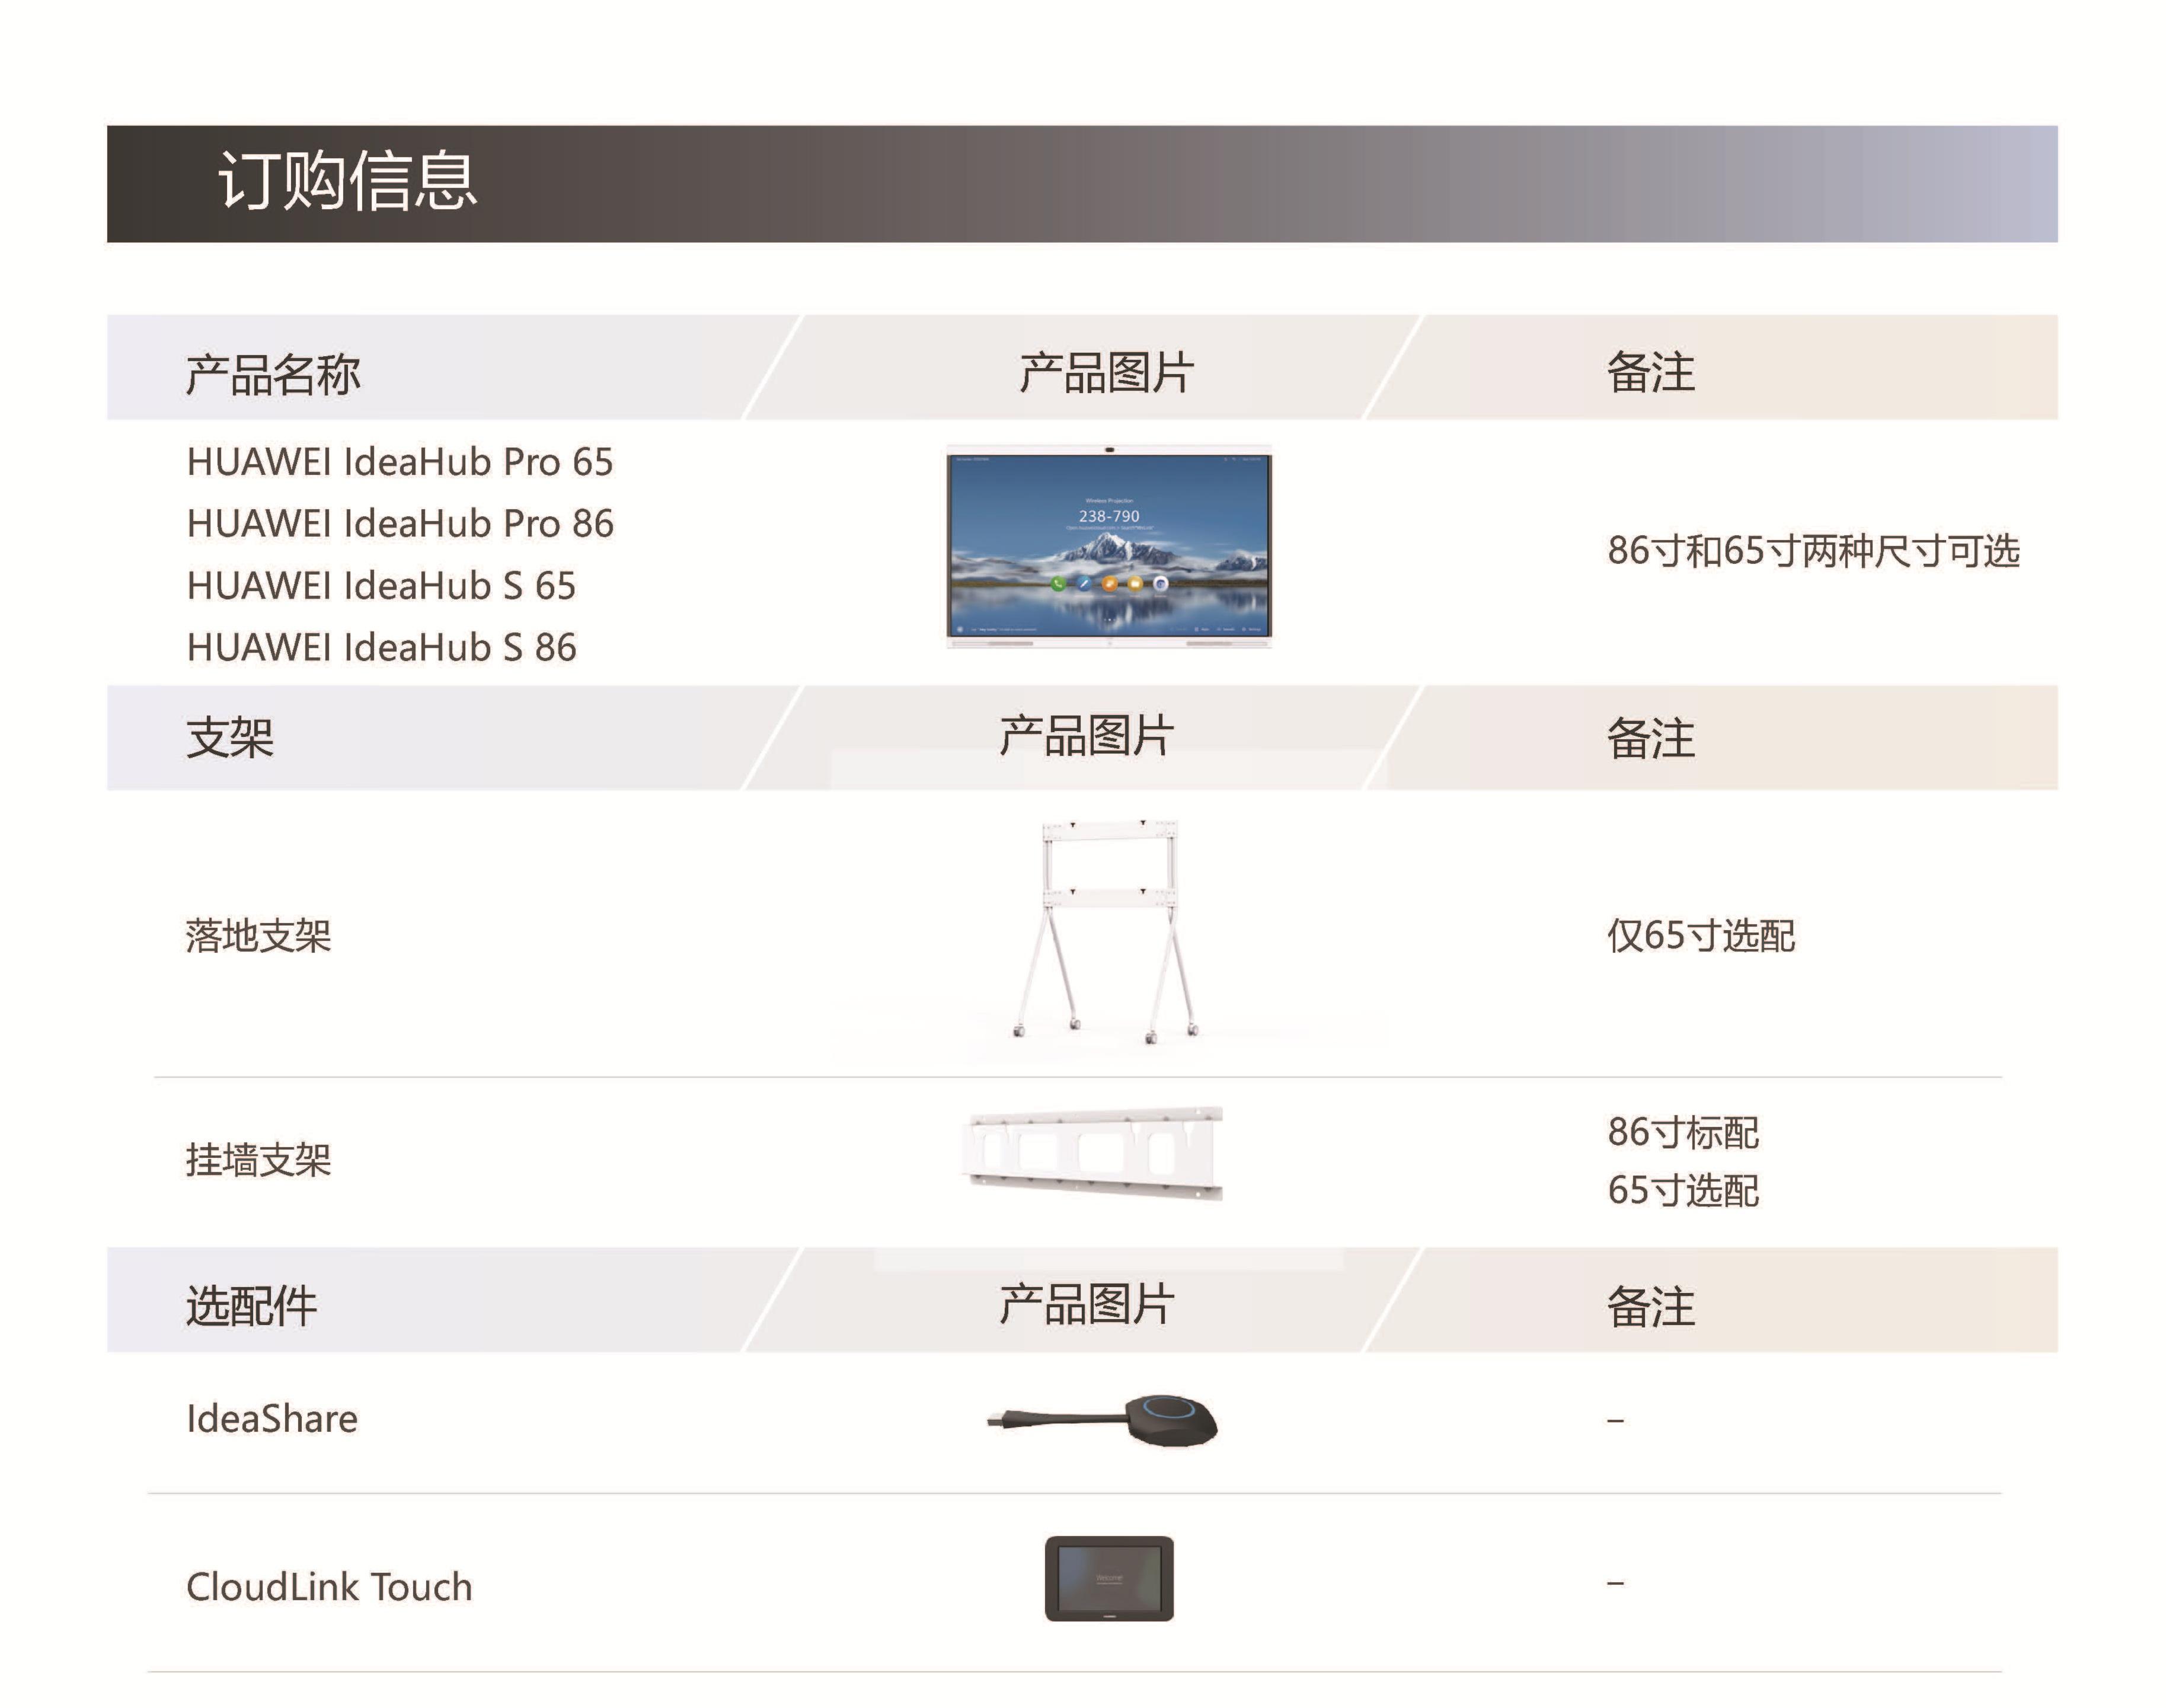 华为企业智慧屏IdeaHub彩页_页面_8.jpg